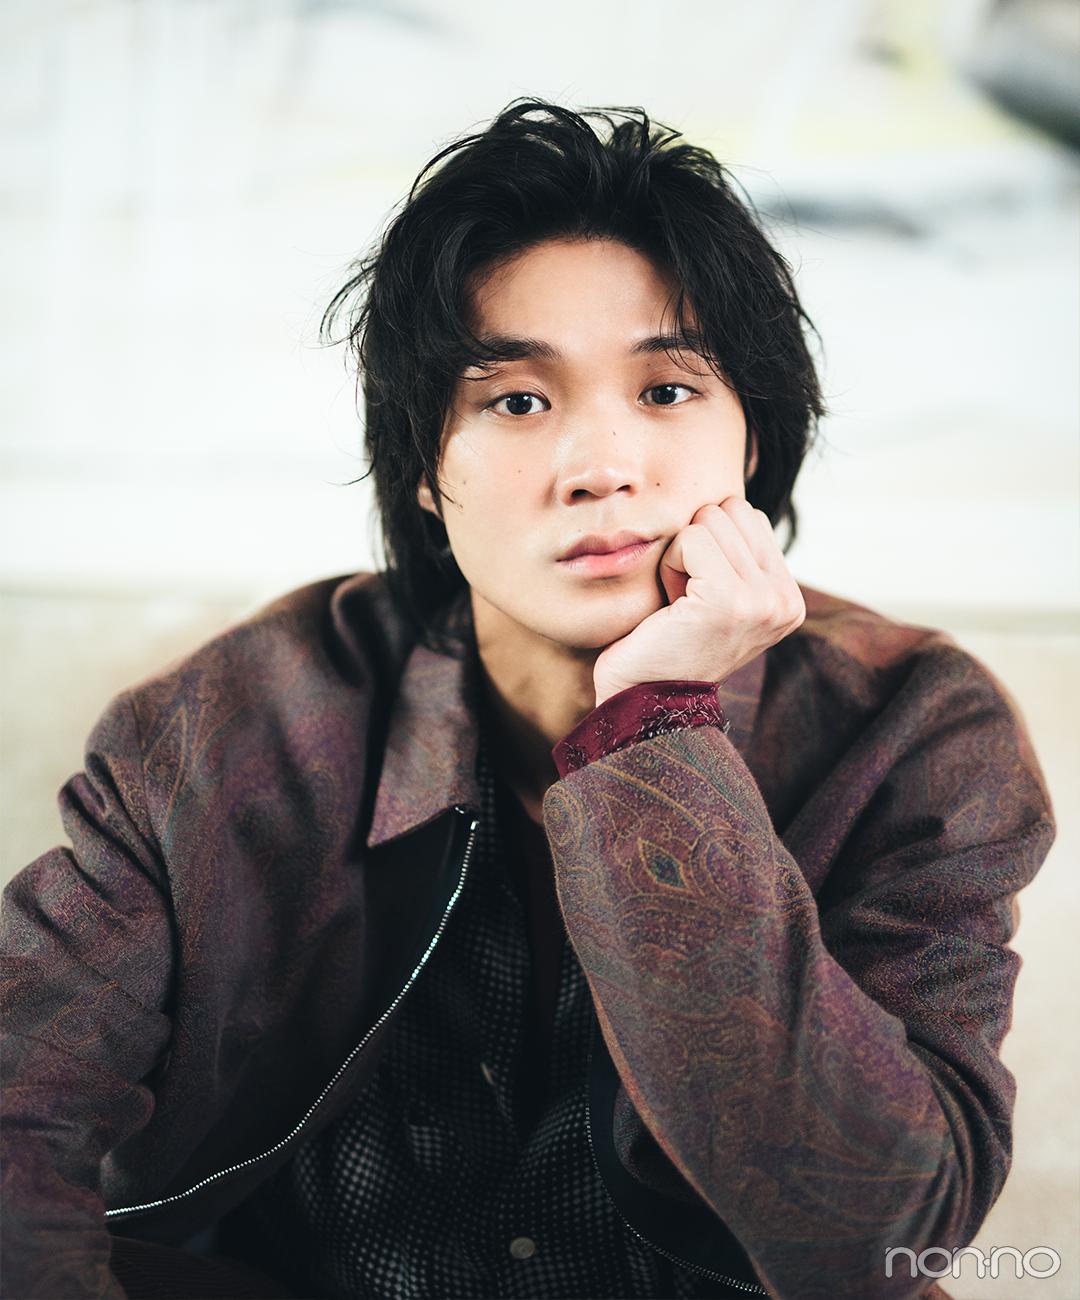 今月の彼氏 磯村勇斗(いそむらはやと)|non-no(ノンノ)2019年12月号